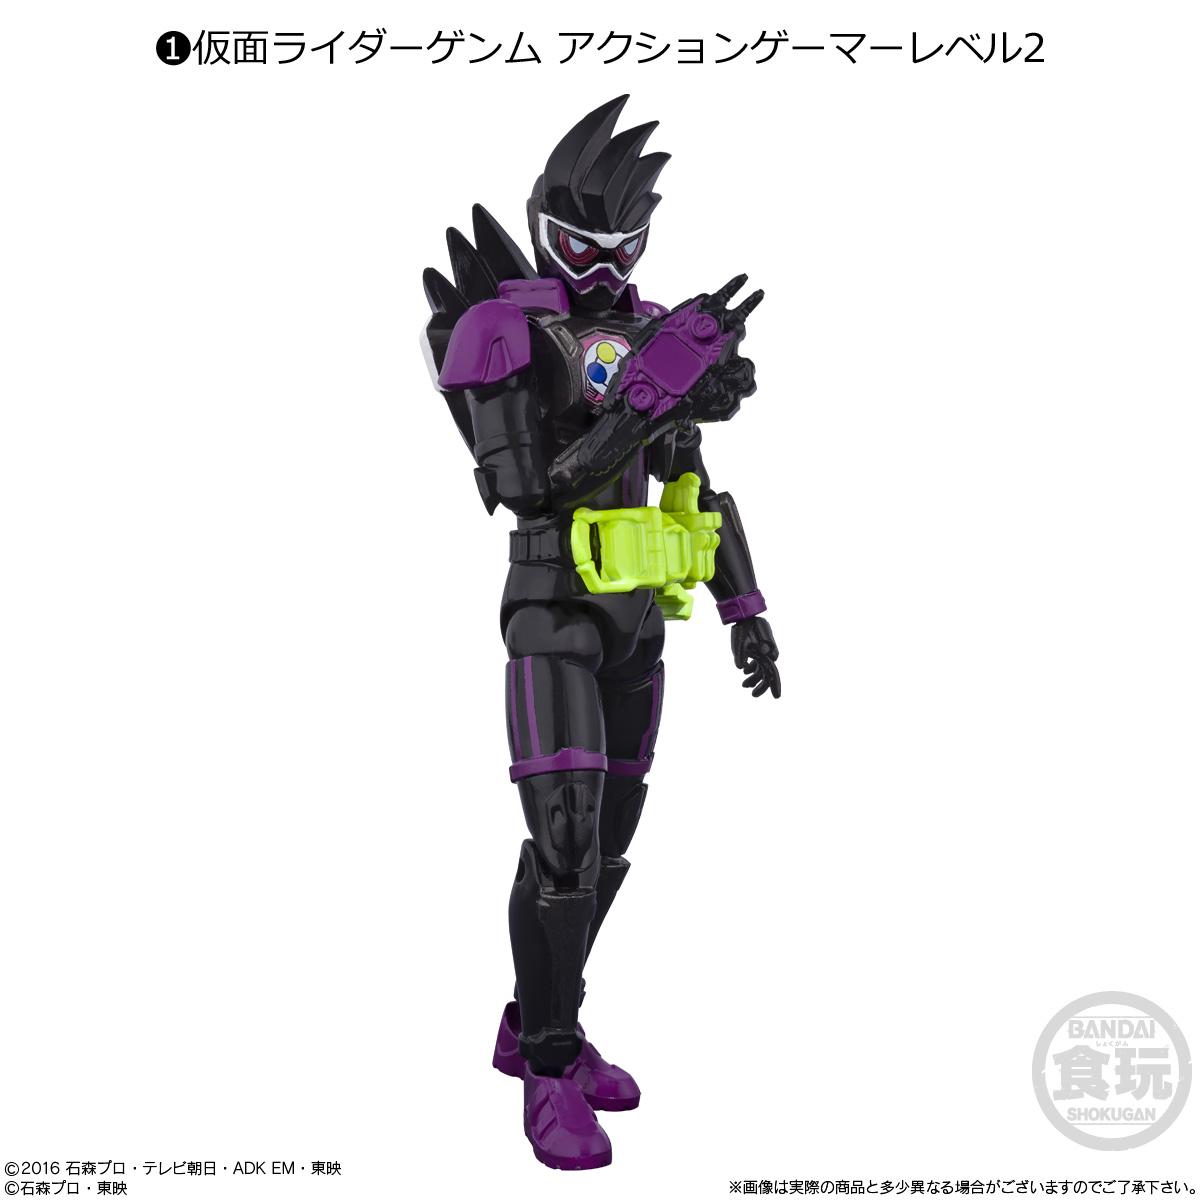 【食玩】SHODO-O『仮面ライダー5』可動フィギュア 10個入りBOX-002